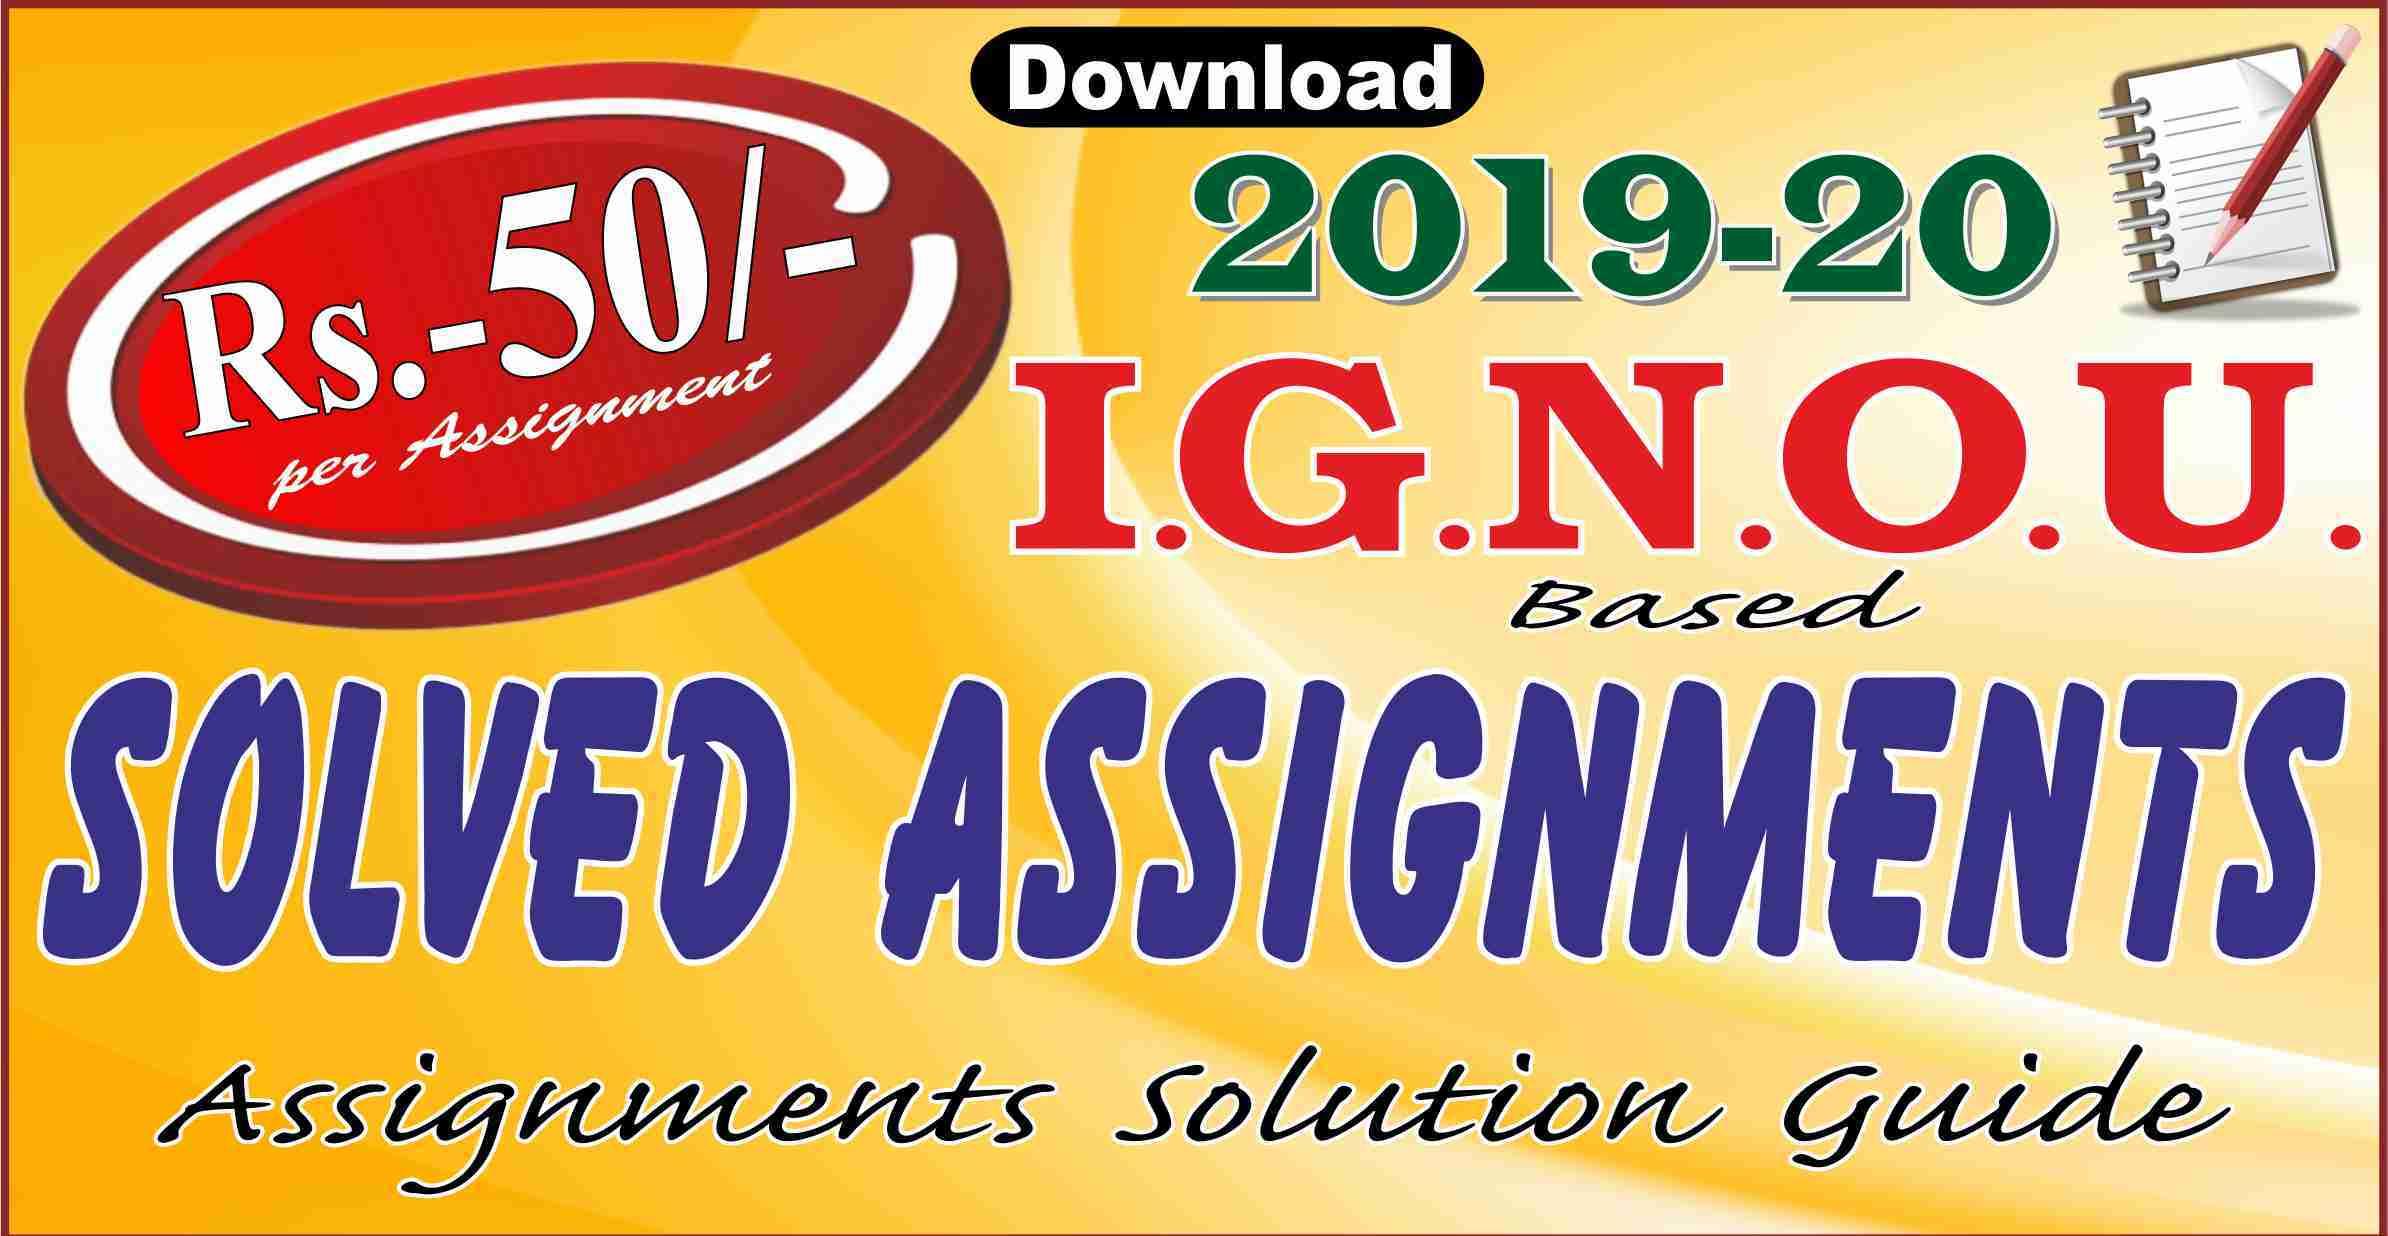 assignment-banner-3